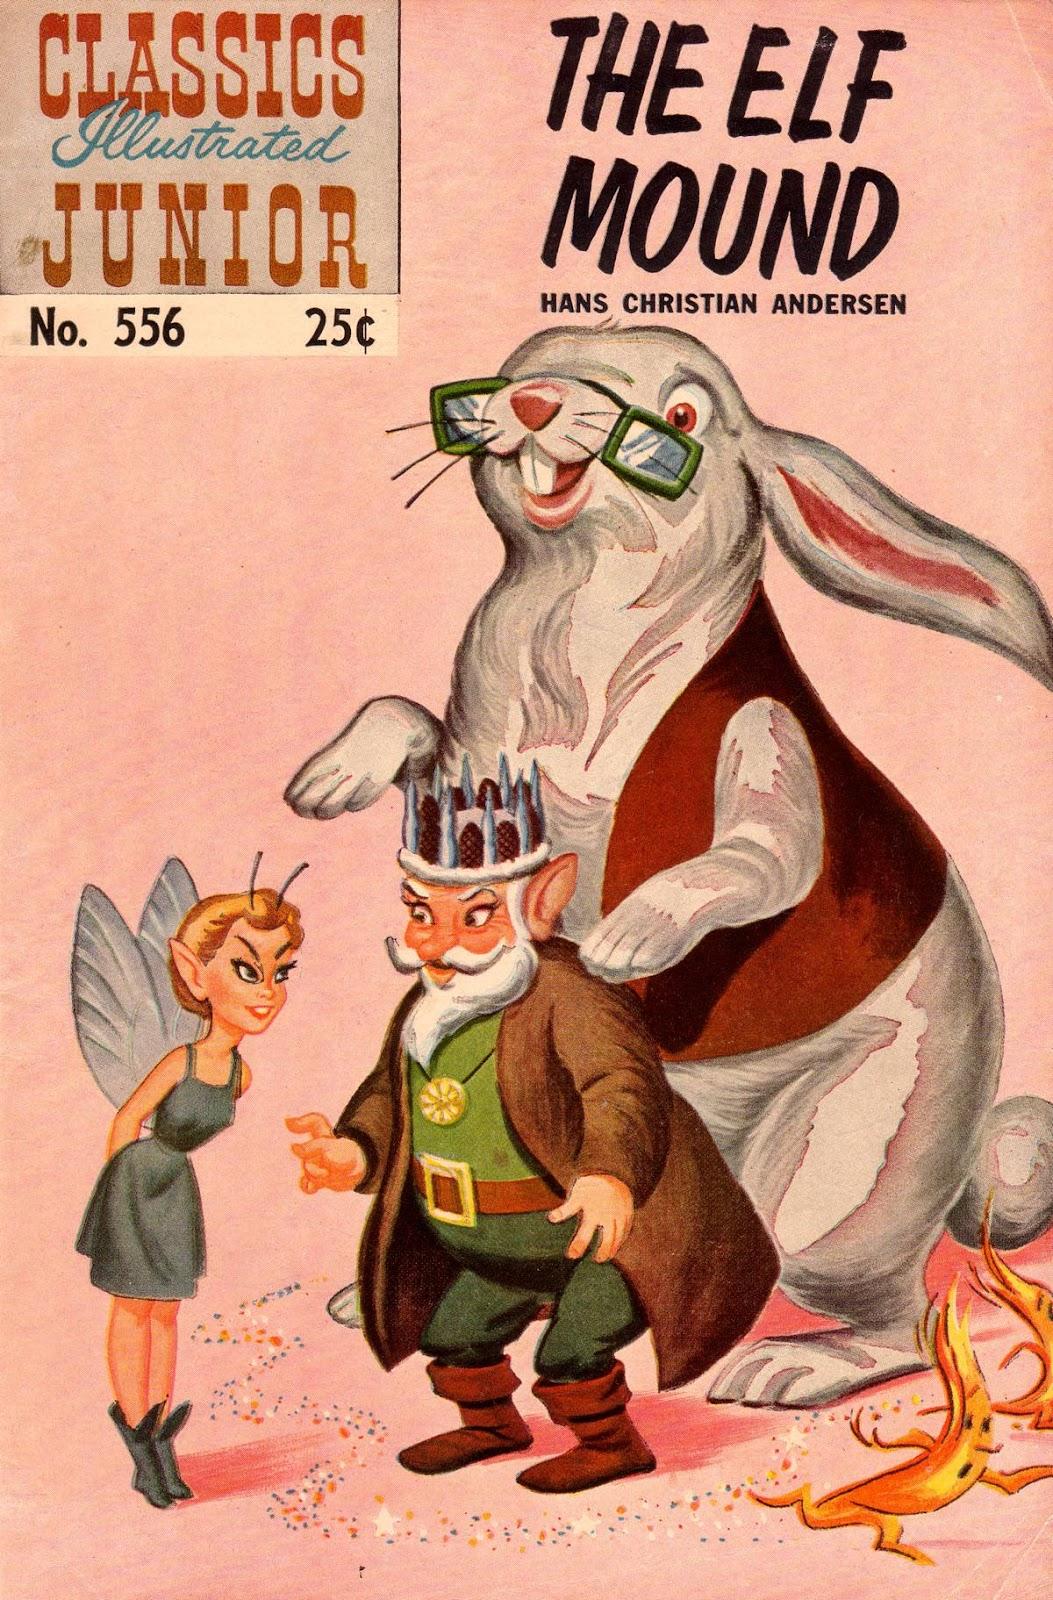 Classics Illustrated Junior 556 Page 1